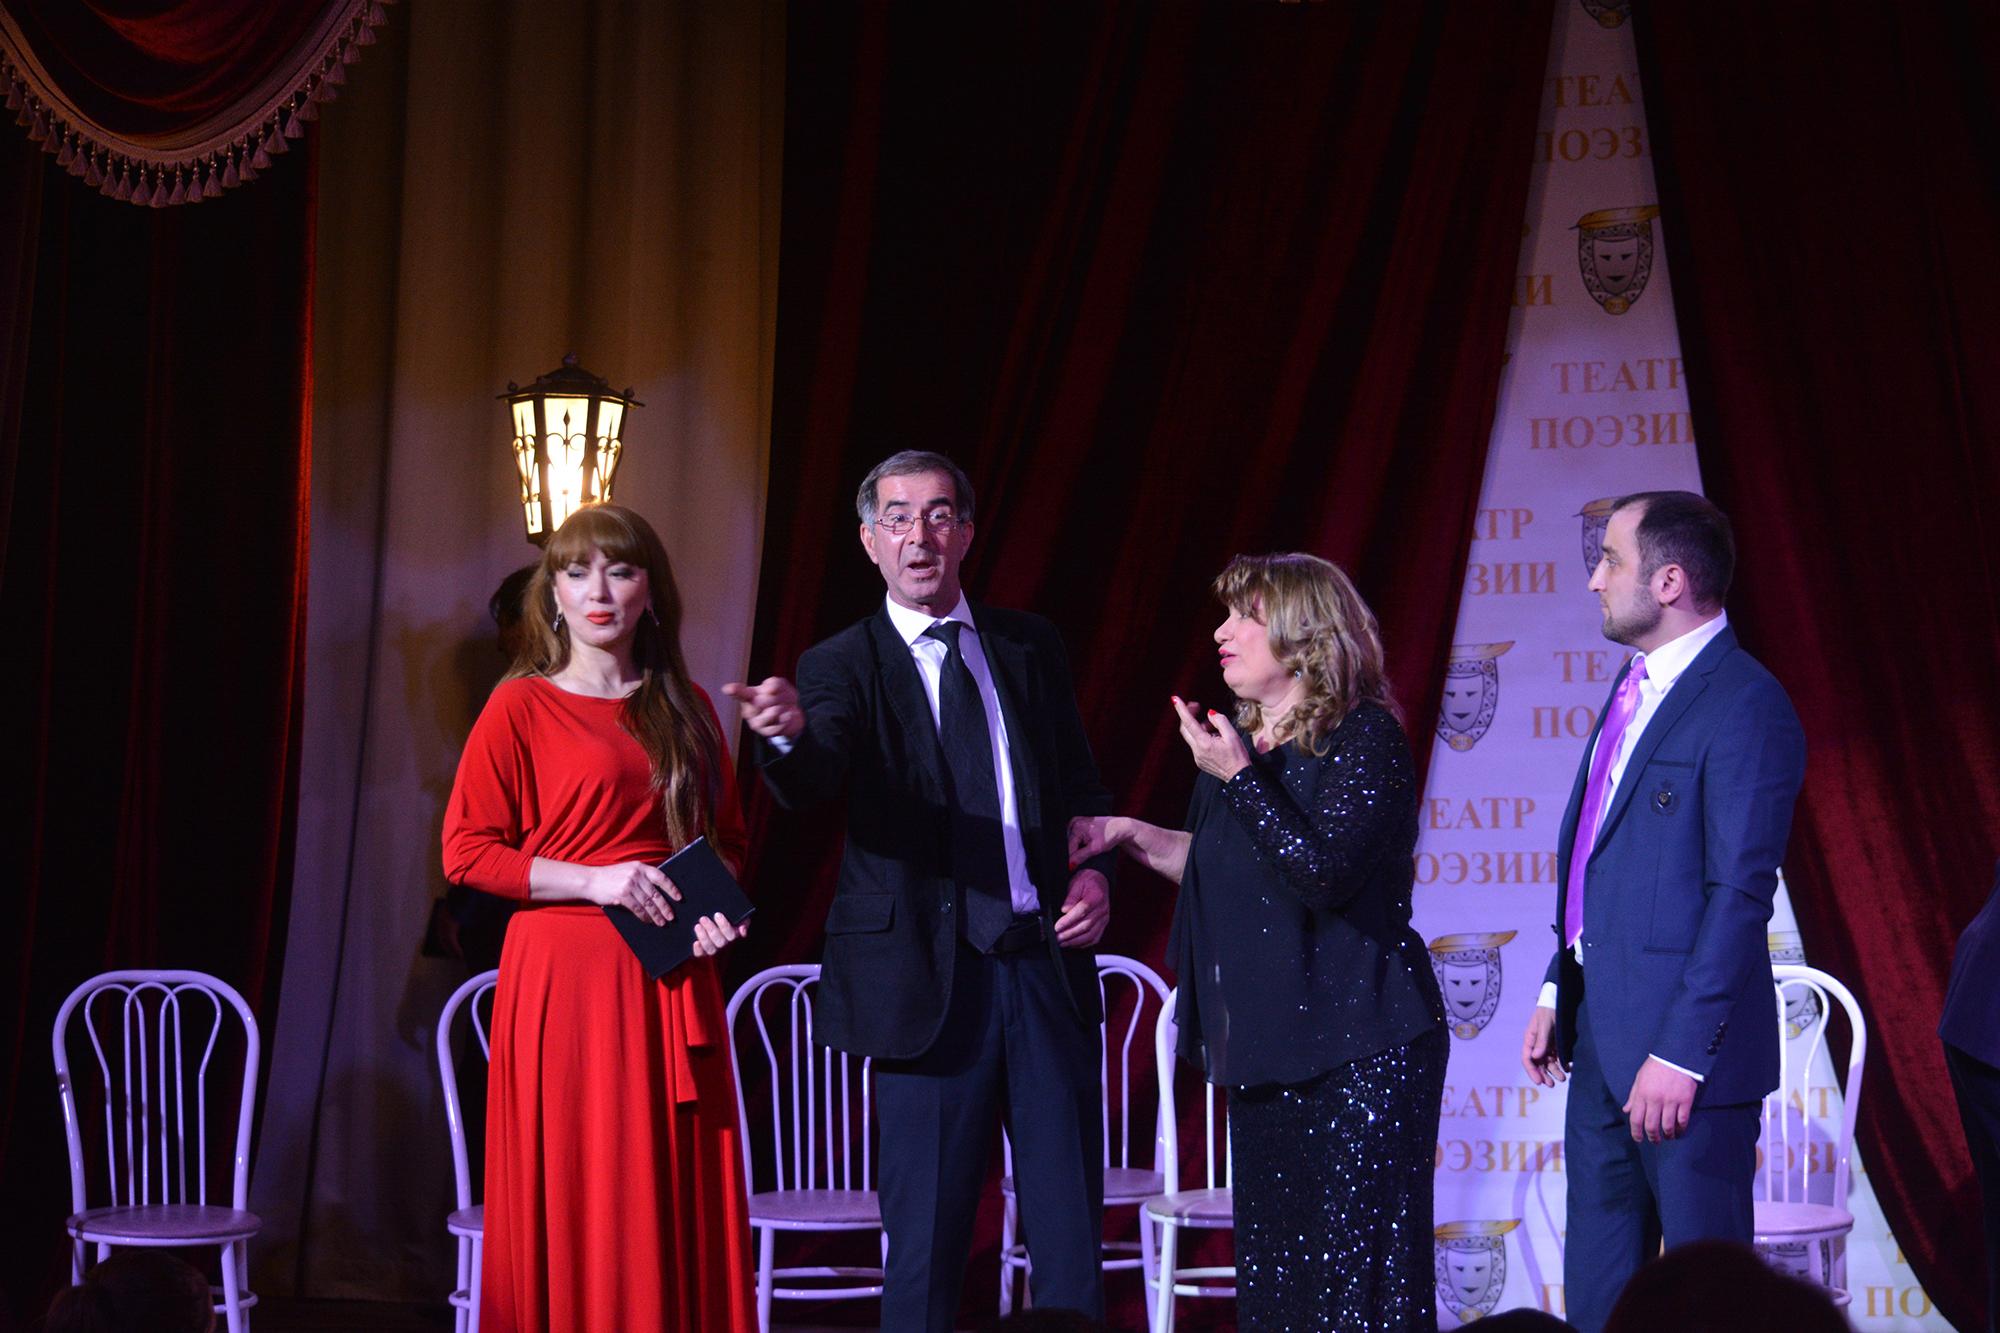 Спектакль «Родник» прошел в Театре поэзии в рамках Недели кумыкской поэтической, театральной, музыкальной культуры